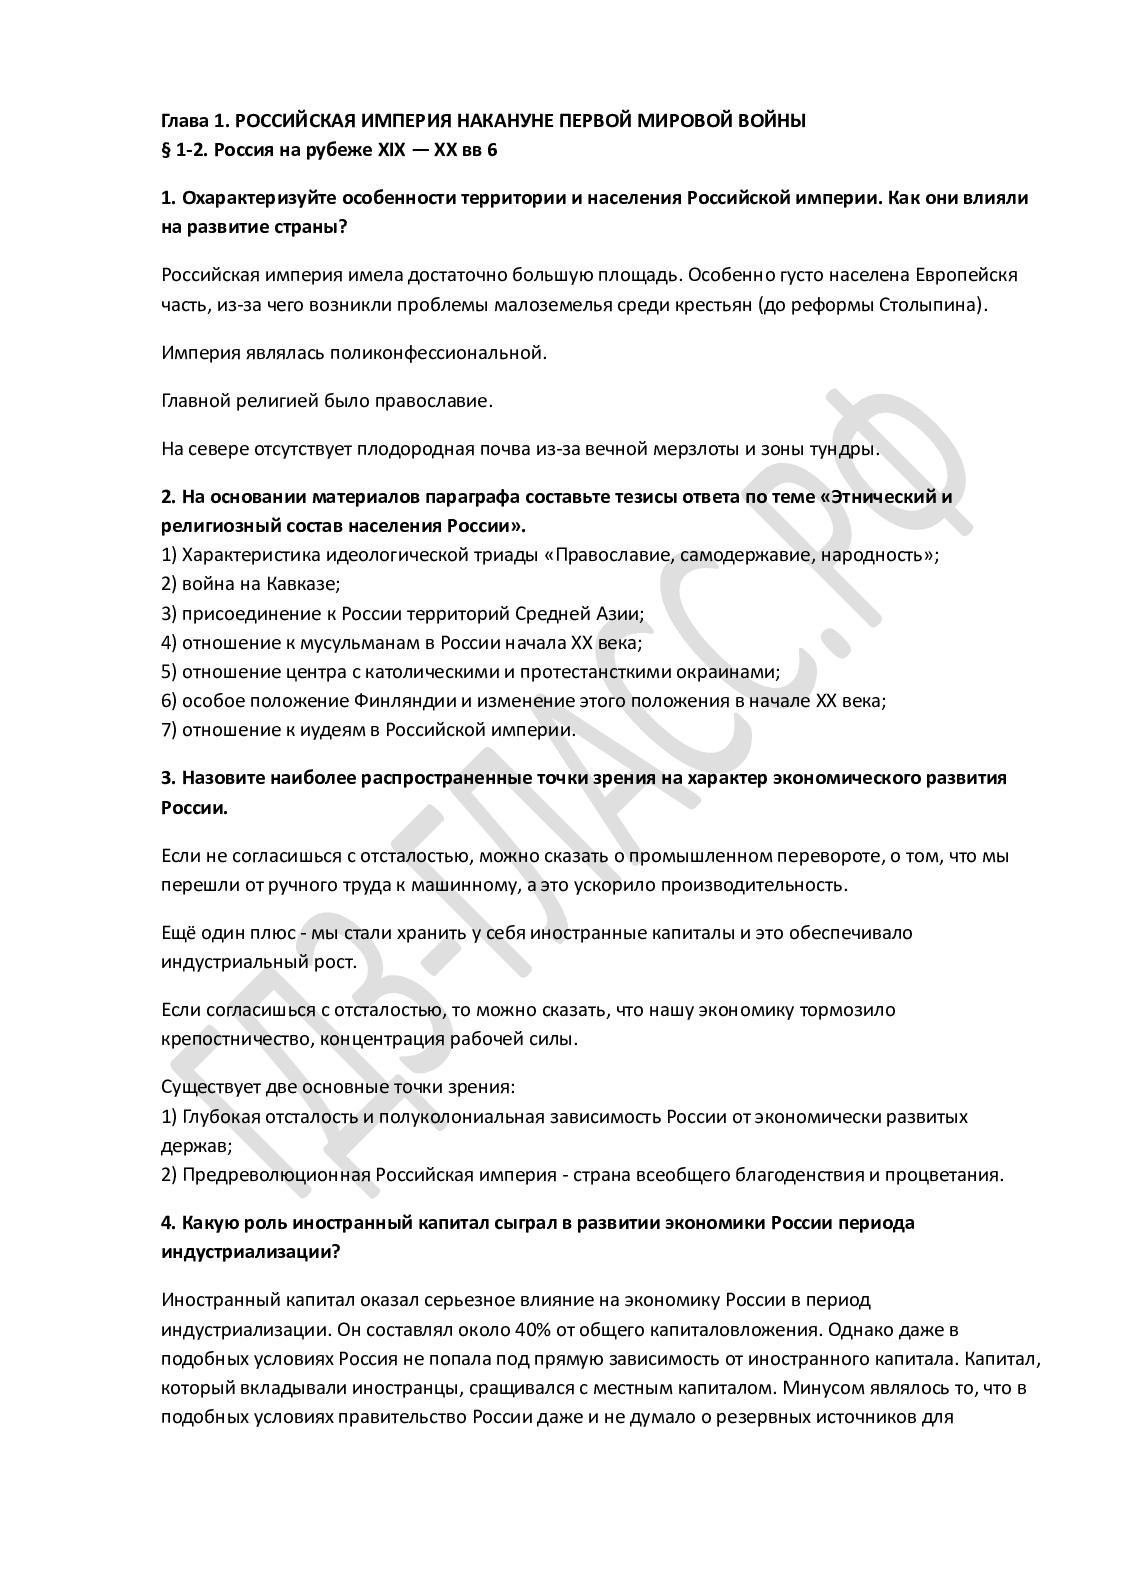 Начало модернизации в россии в 20 веке: основные черты, проблемы, итоги